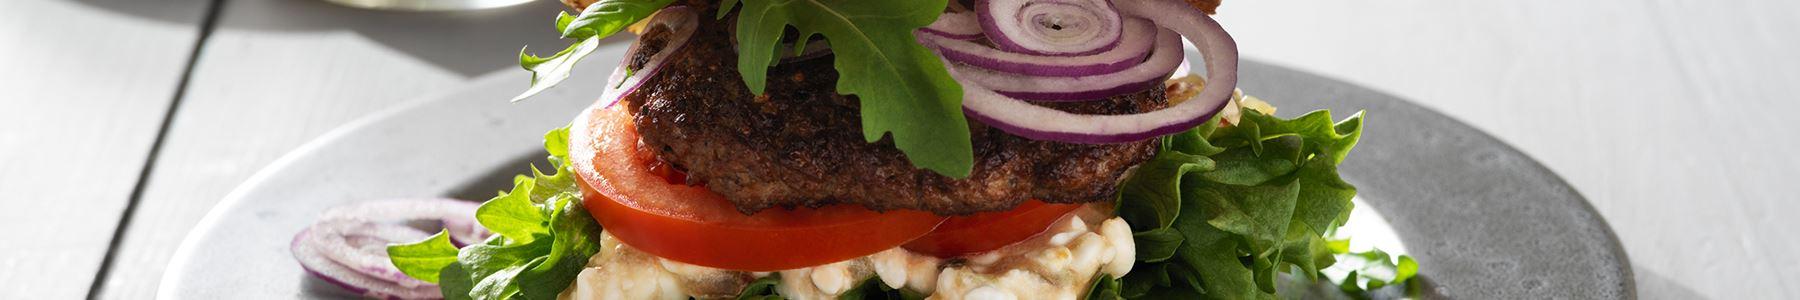 Recept på köttfärspaj